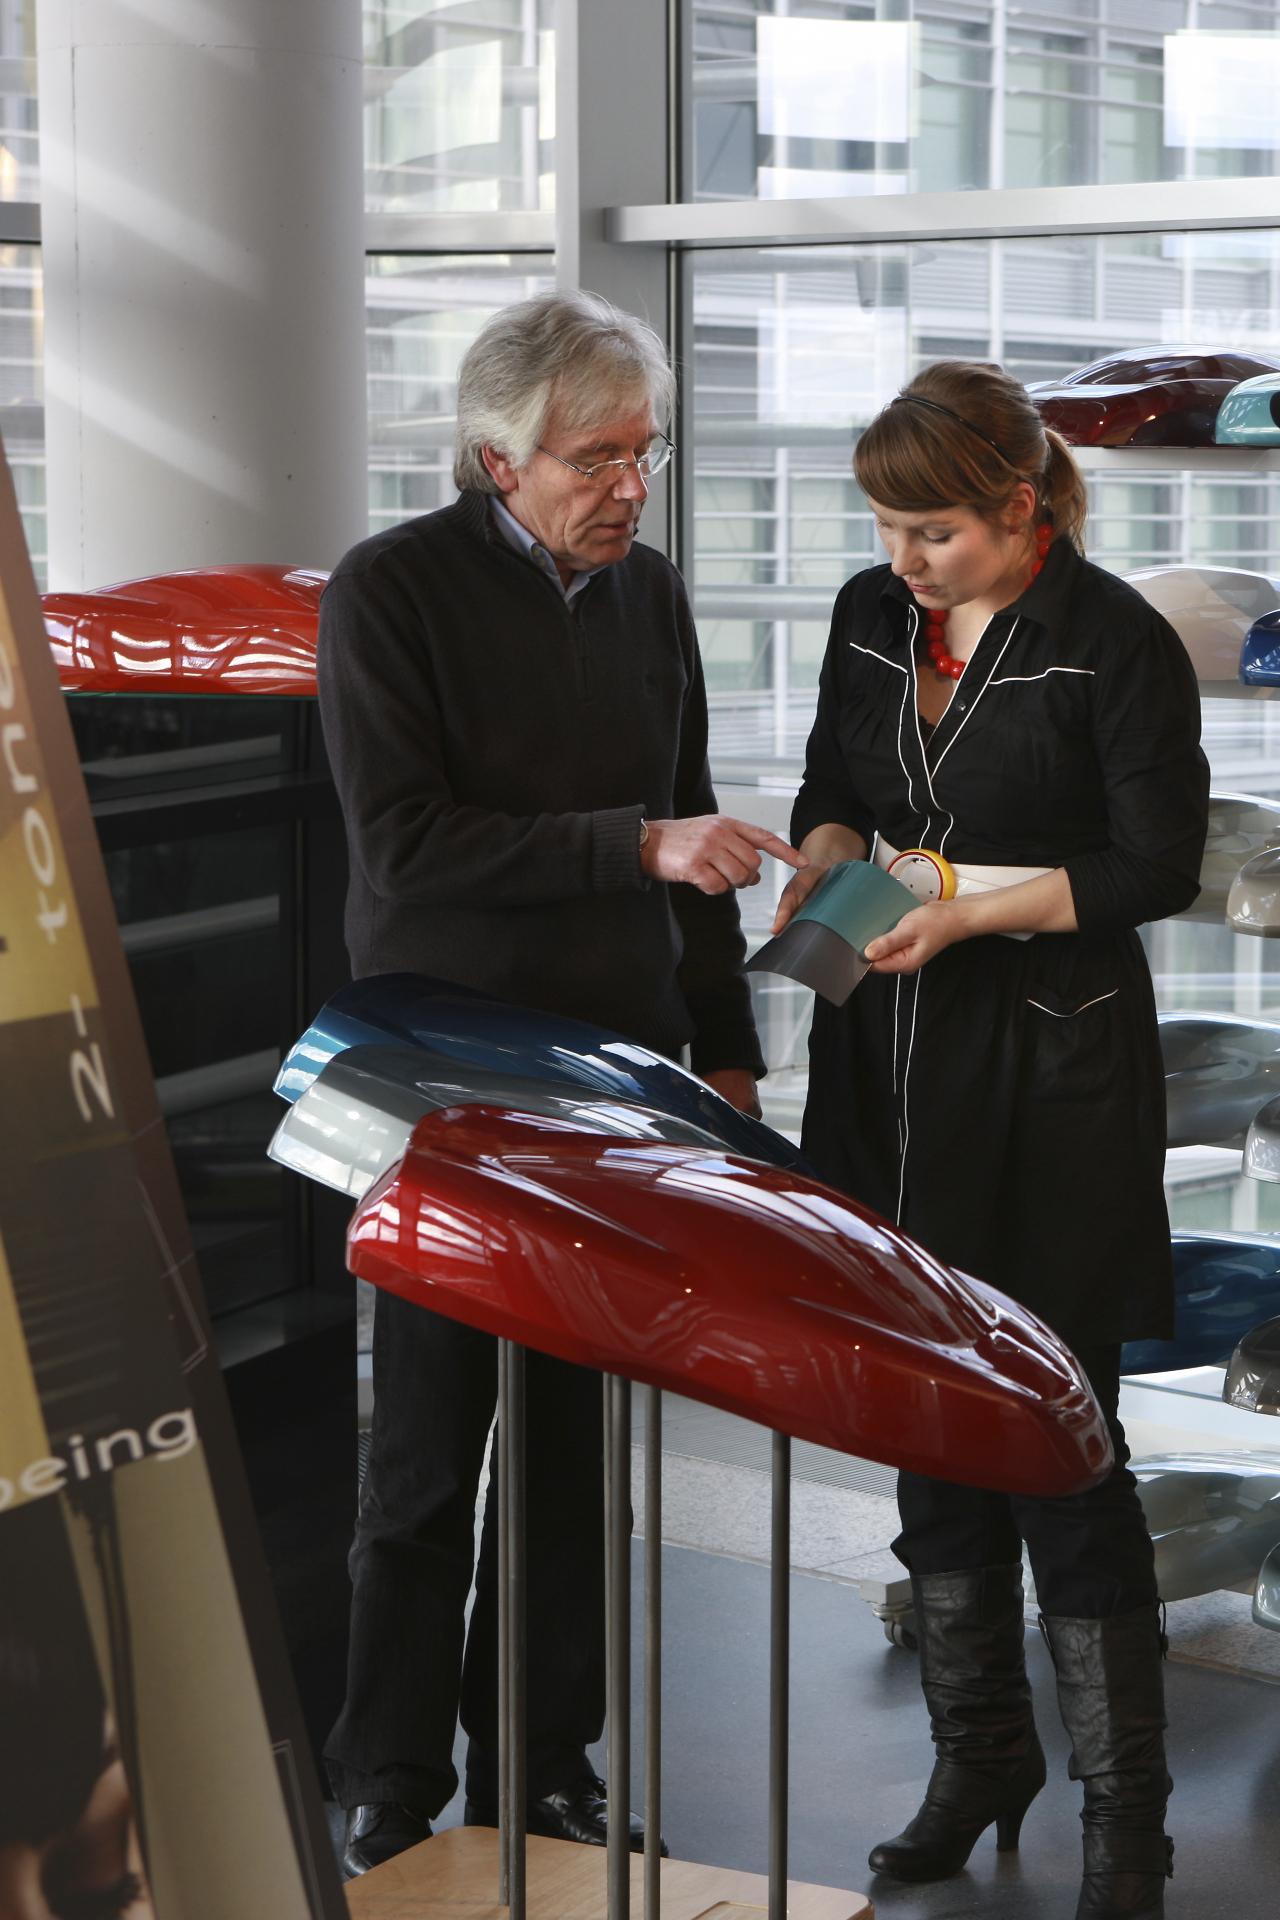 Vesela nodaļa autokompānijā rūpējas par apdares materiālu izvēli un kvalitāti